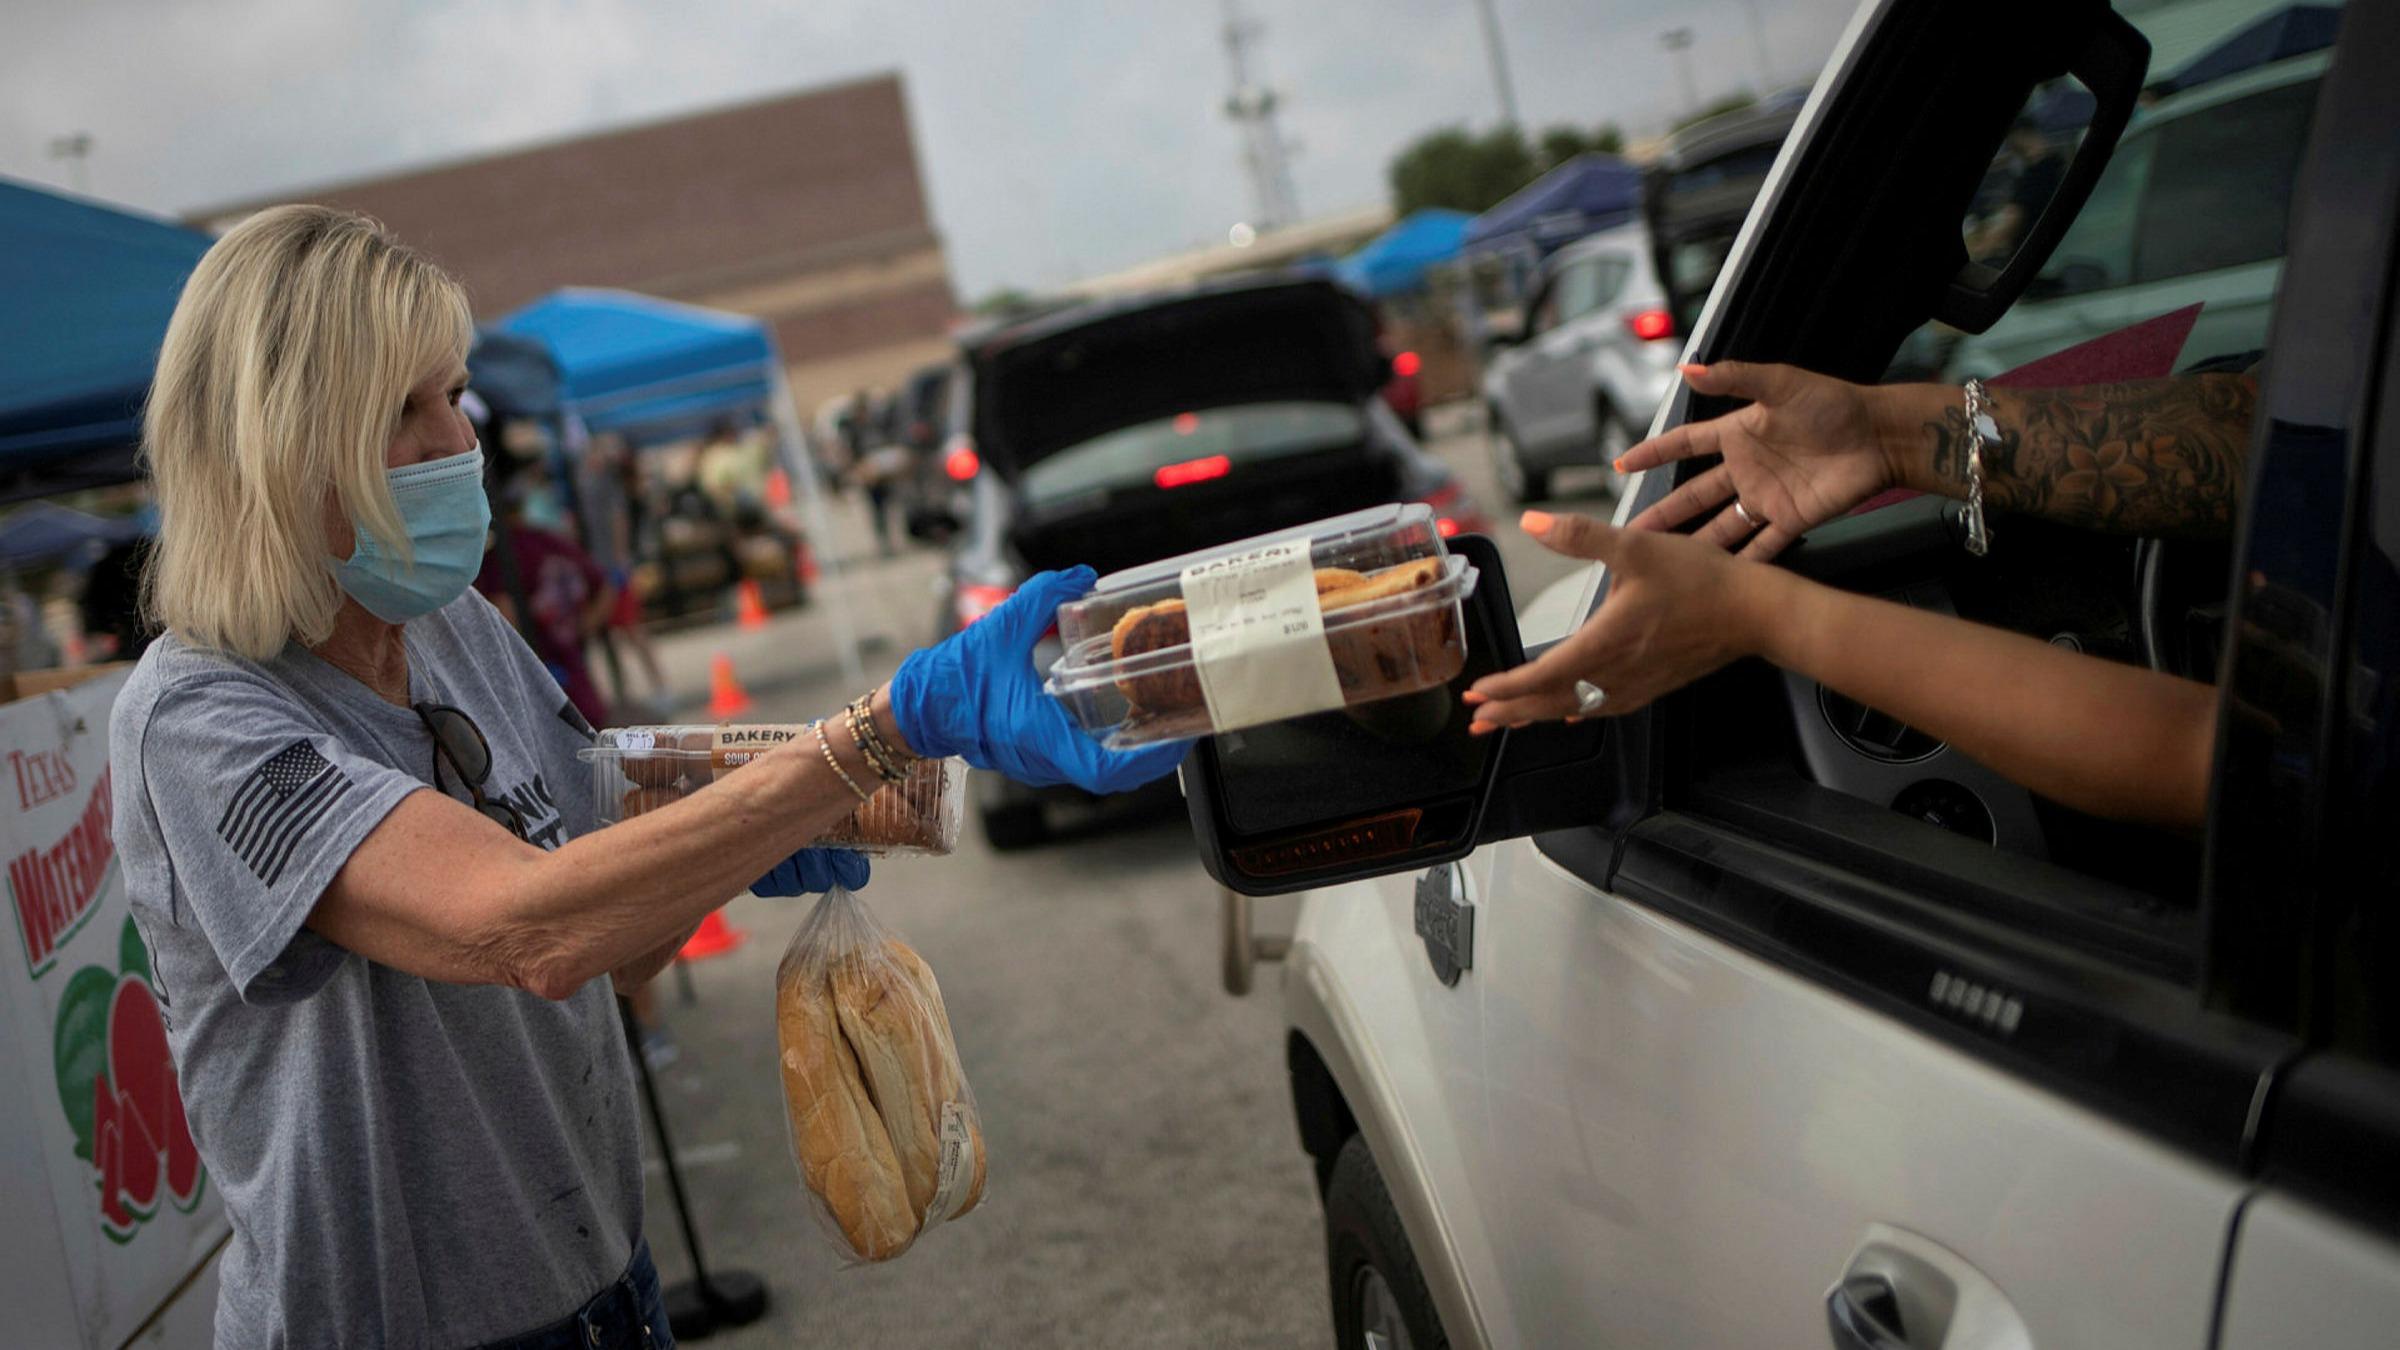 數據分析顯示,有愈來愈多民眾陷入飢餓,每8個人之中,就有1人吃不飽。圖為德州聖安東尼奧市一名義工,將麵包交給駕車居民。    路透社